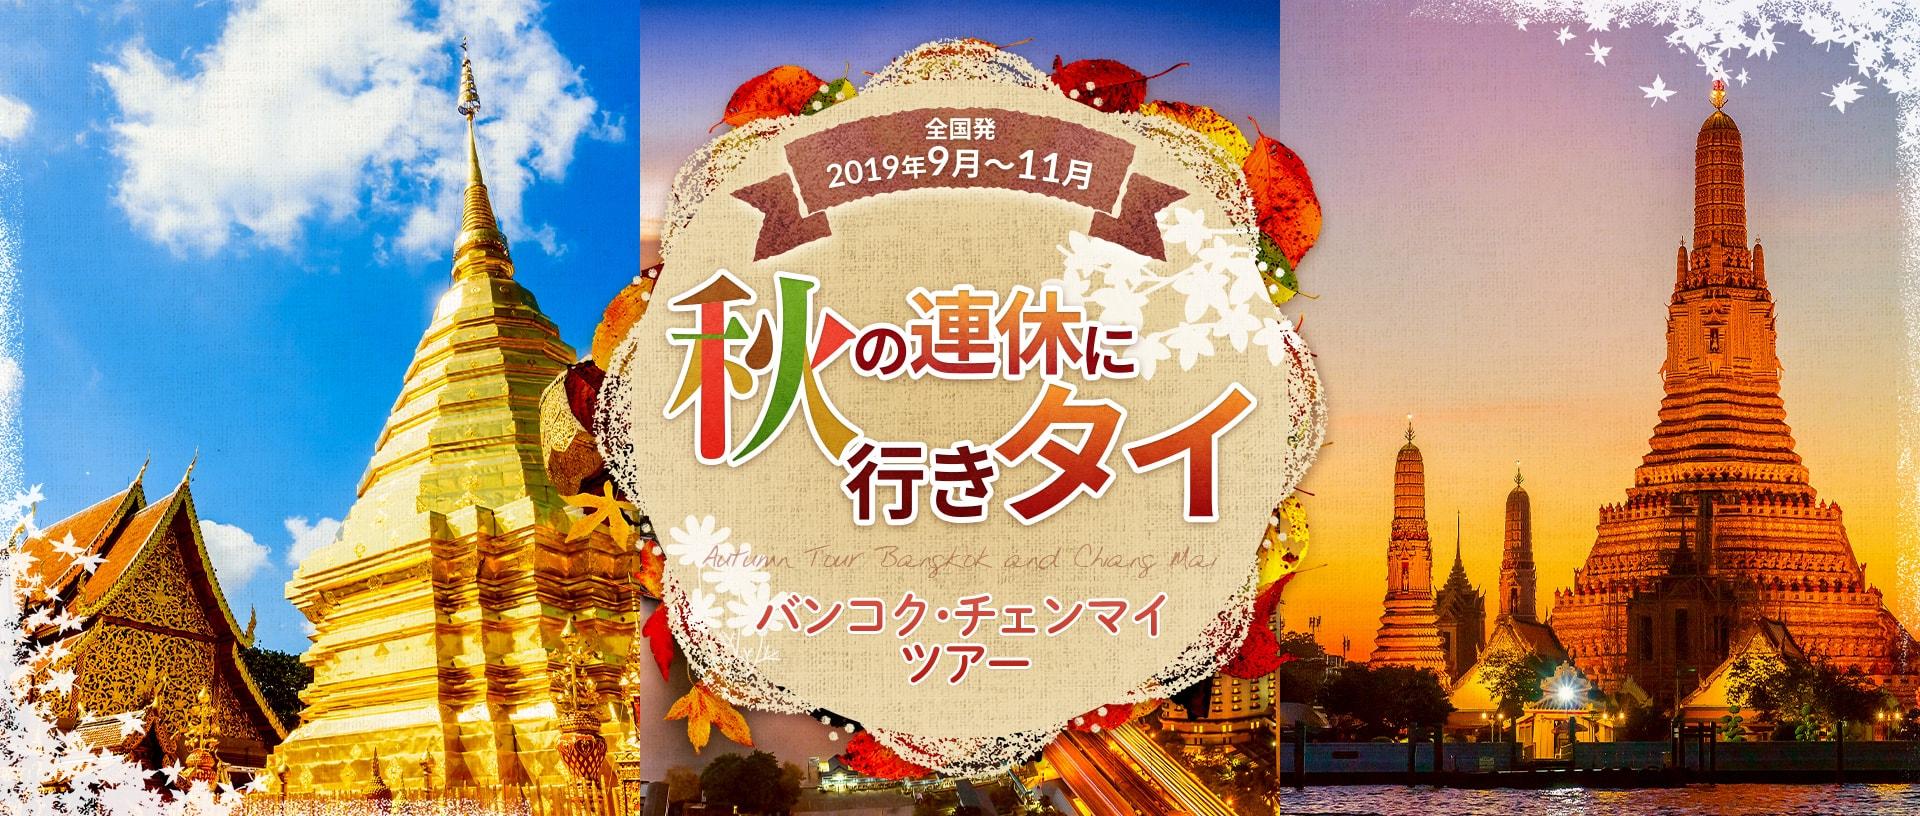 2019年 秋の連休特集に行く バンコクチェンマイ 9月10月11月の連休に行きタイ!この秋の連休、タイにってみませんか? 9月10月11月 秋の連休にぴったりのタイツアーをご案内します。バンコク、チェンマイのシティリゾートから、プーケット、クラビのシティリゾートまで。タイは人気のツアーが満載。秋はお好きな連休で、ご夫婦、お友達、カップルの素晴らしい思い出作りができる旅に。さあ出発です!